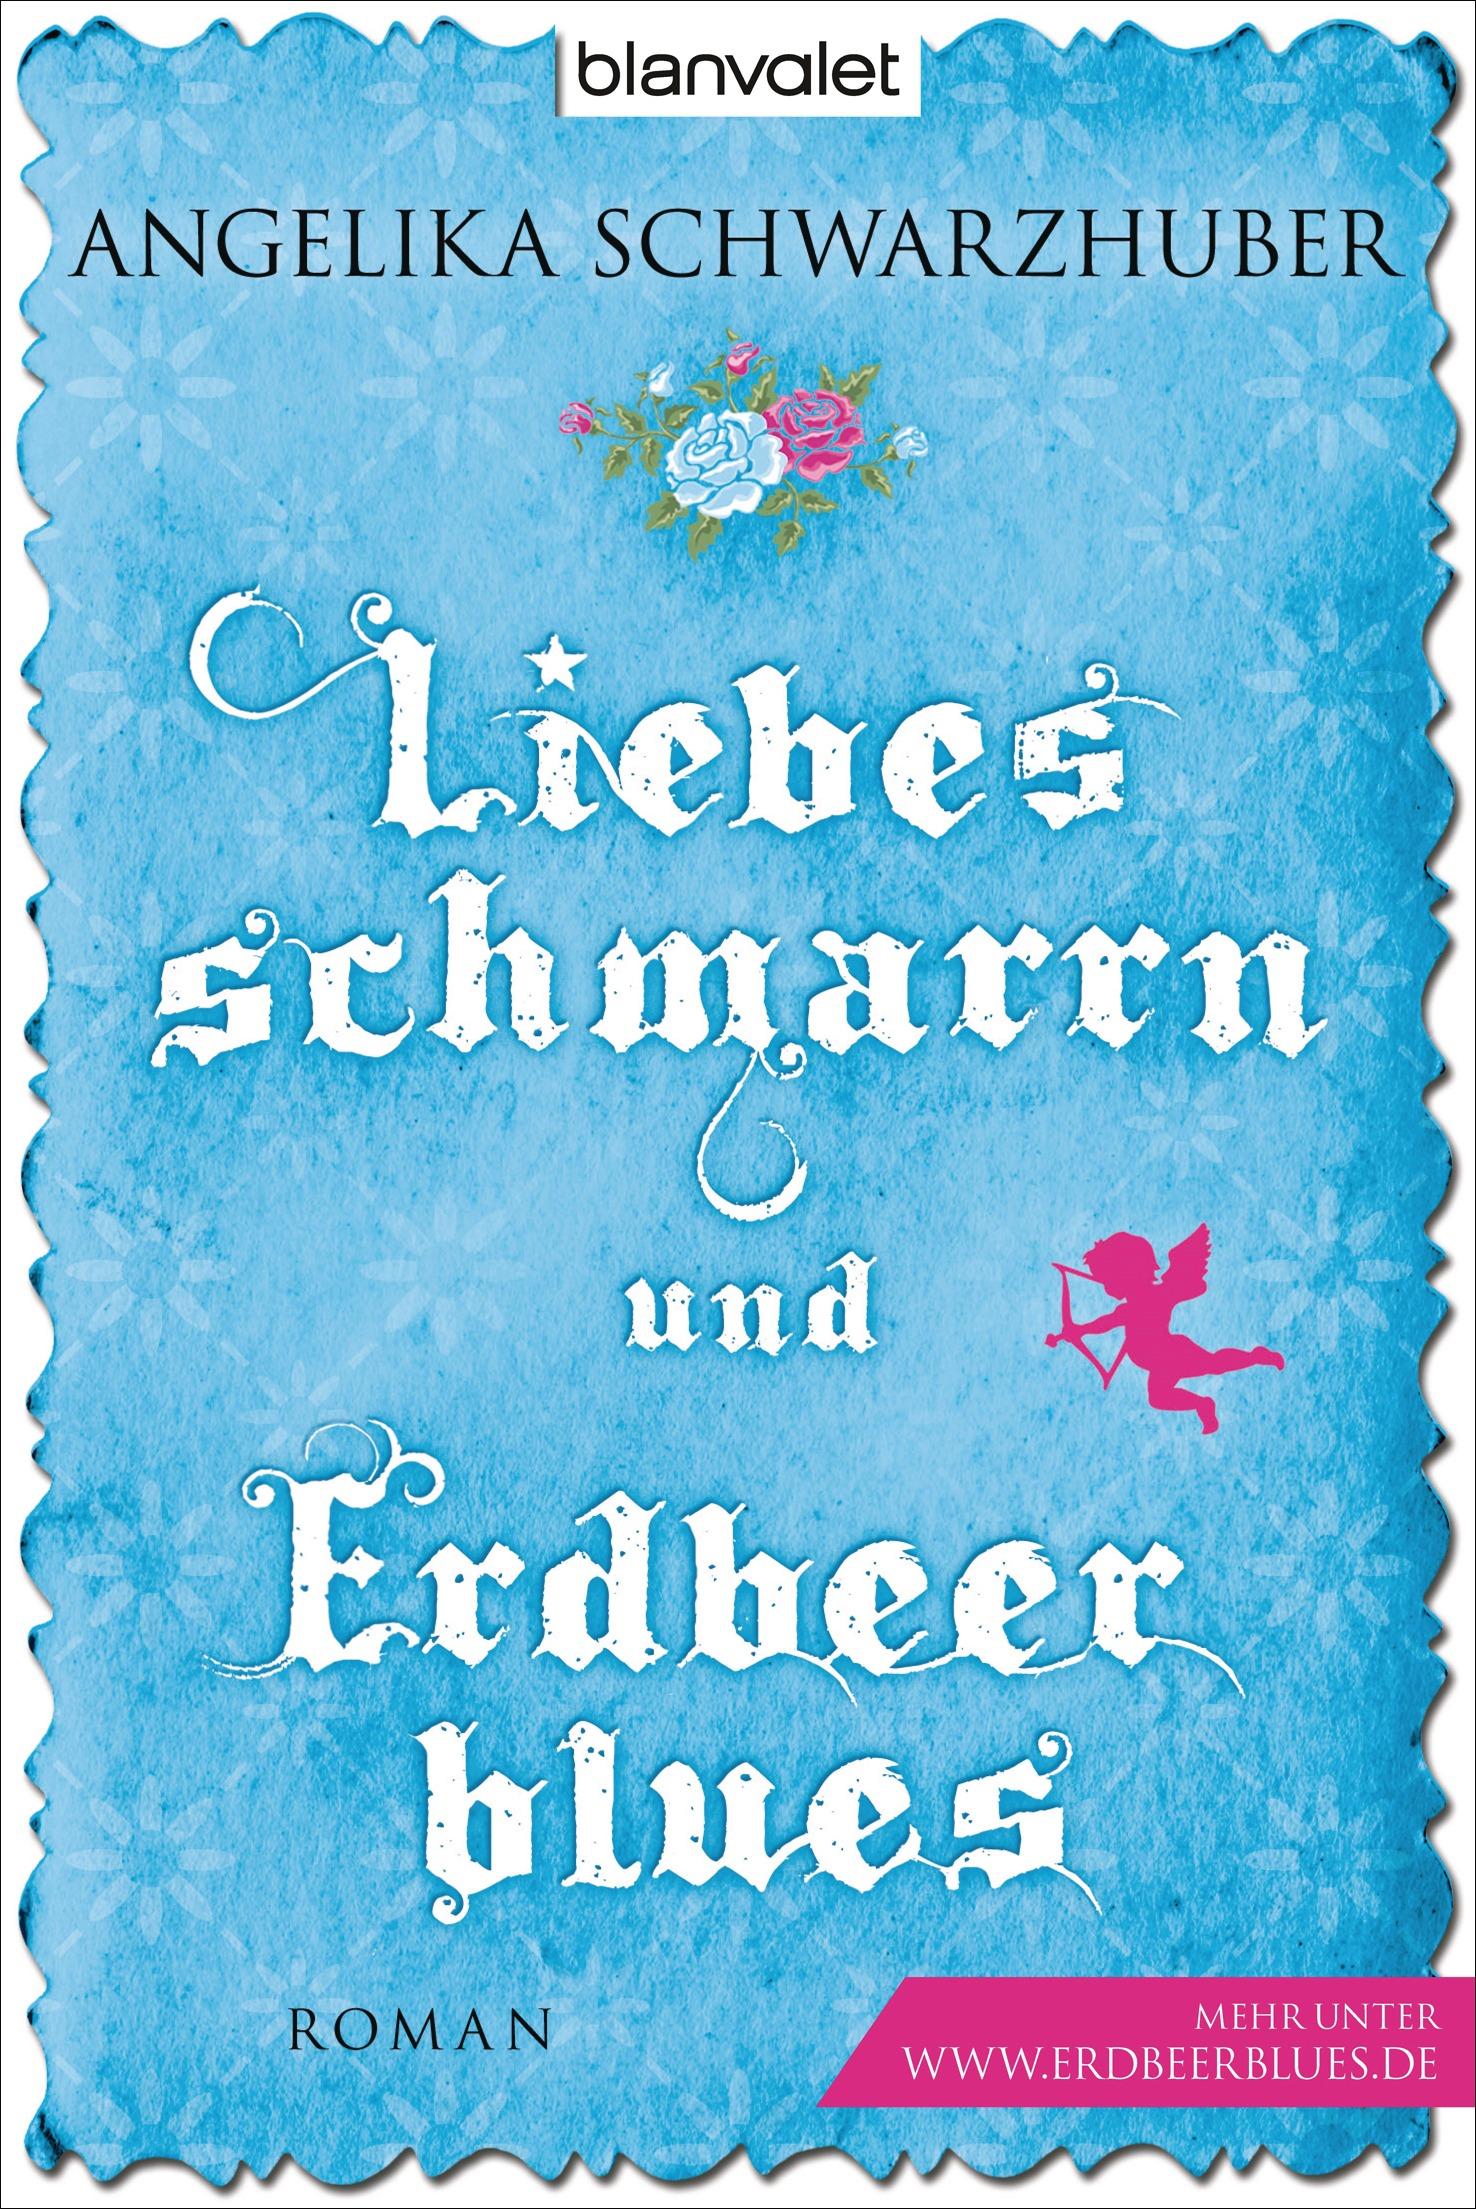 Liebesschmarrn und Erdbeerblues: Roman - Angelika Schwarzhuber